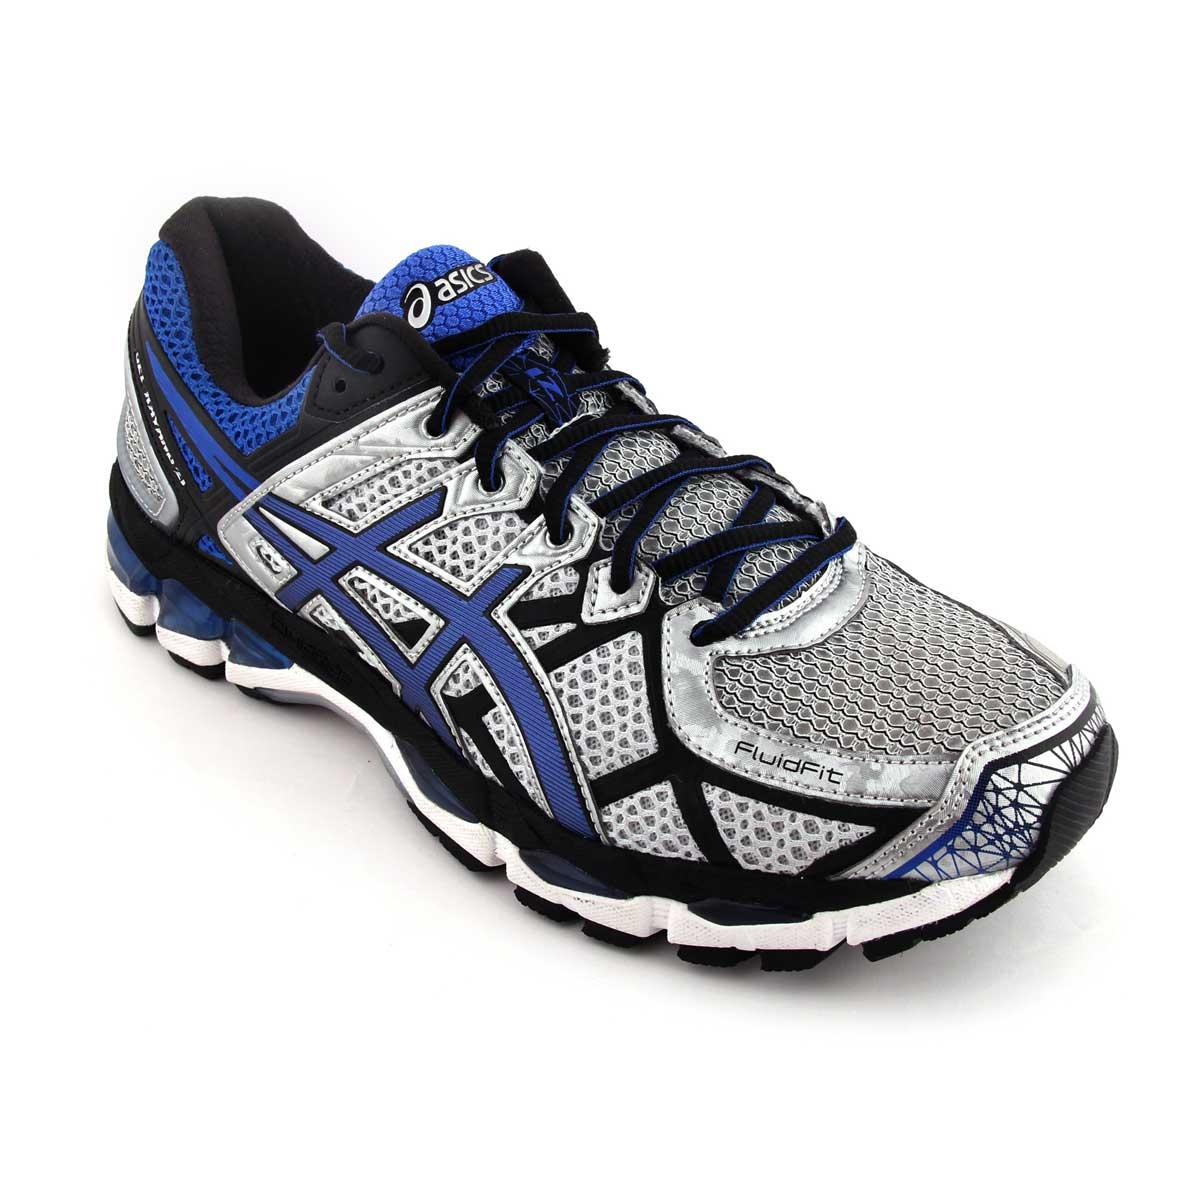 Asics Gel Kayano 21 Men's Running Shoes, Lightning Royal